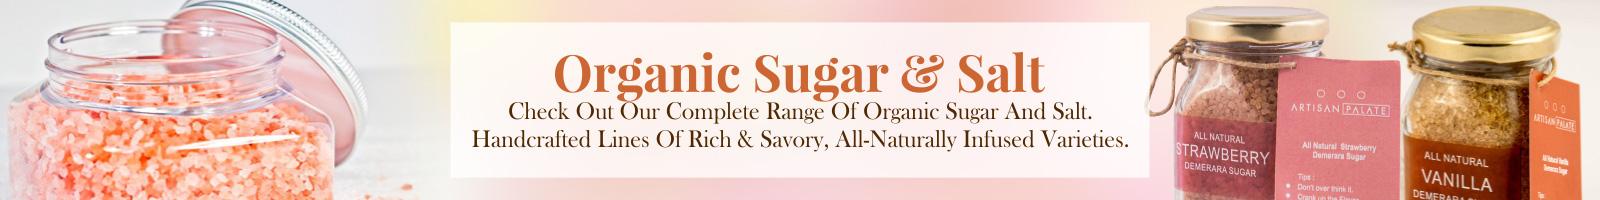 Organic Sugar and Salt